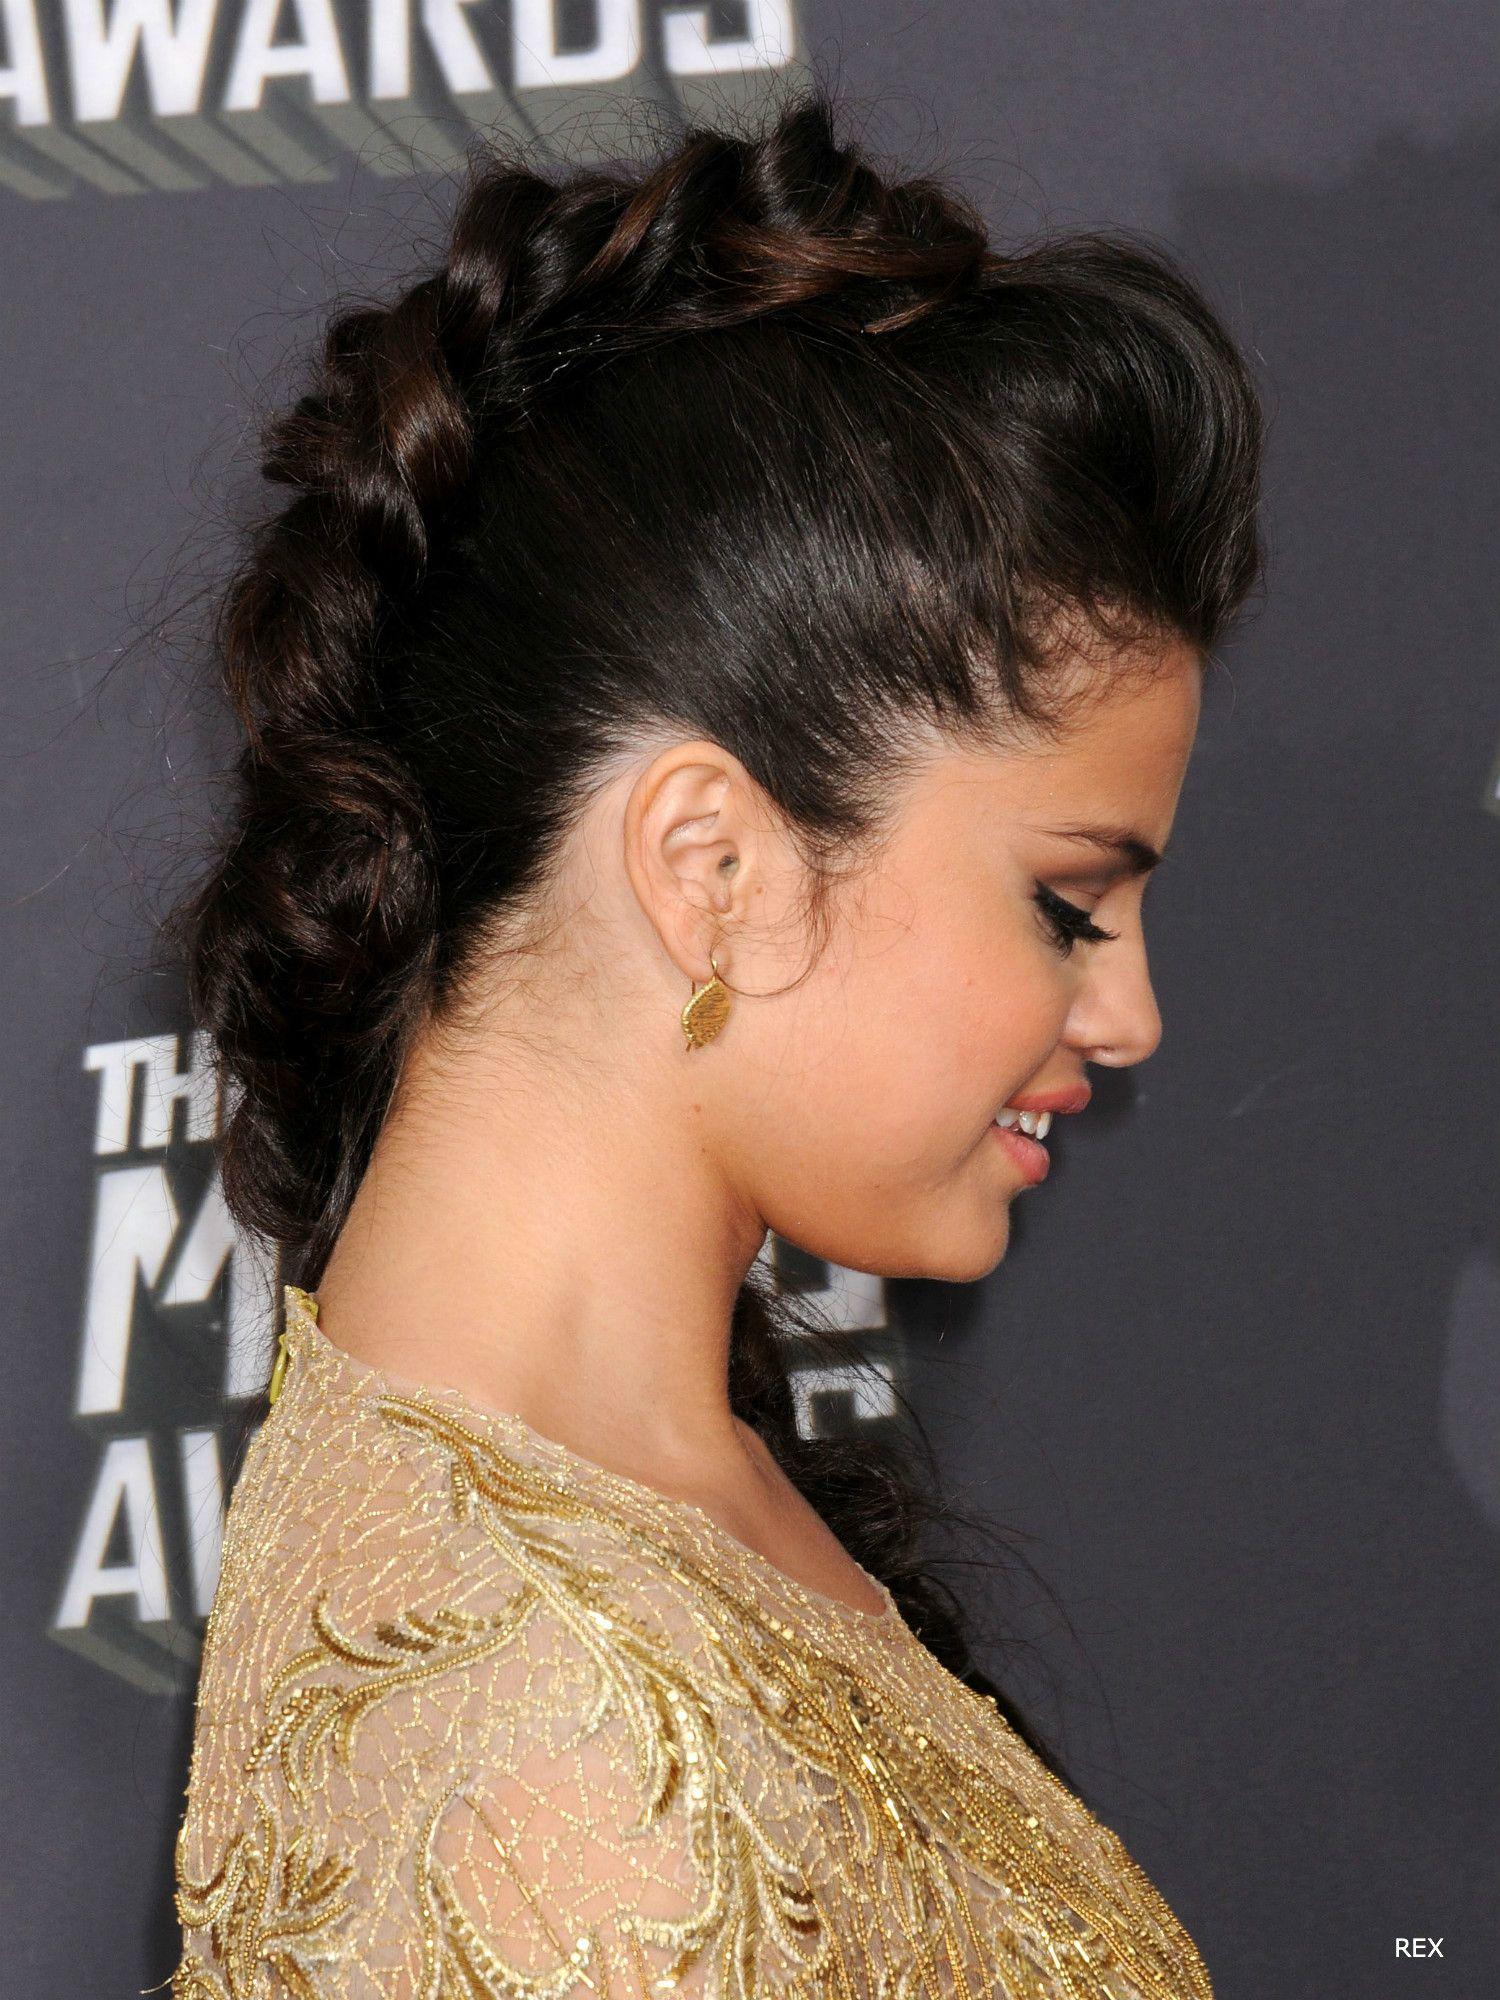 trend watch - textured braids